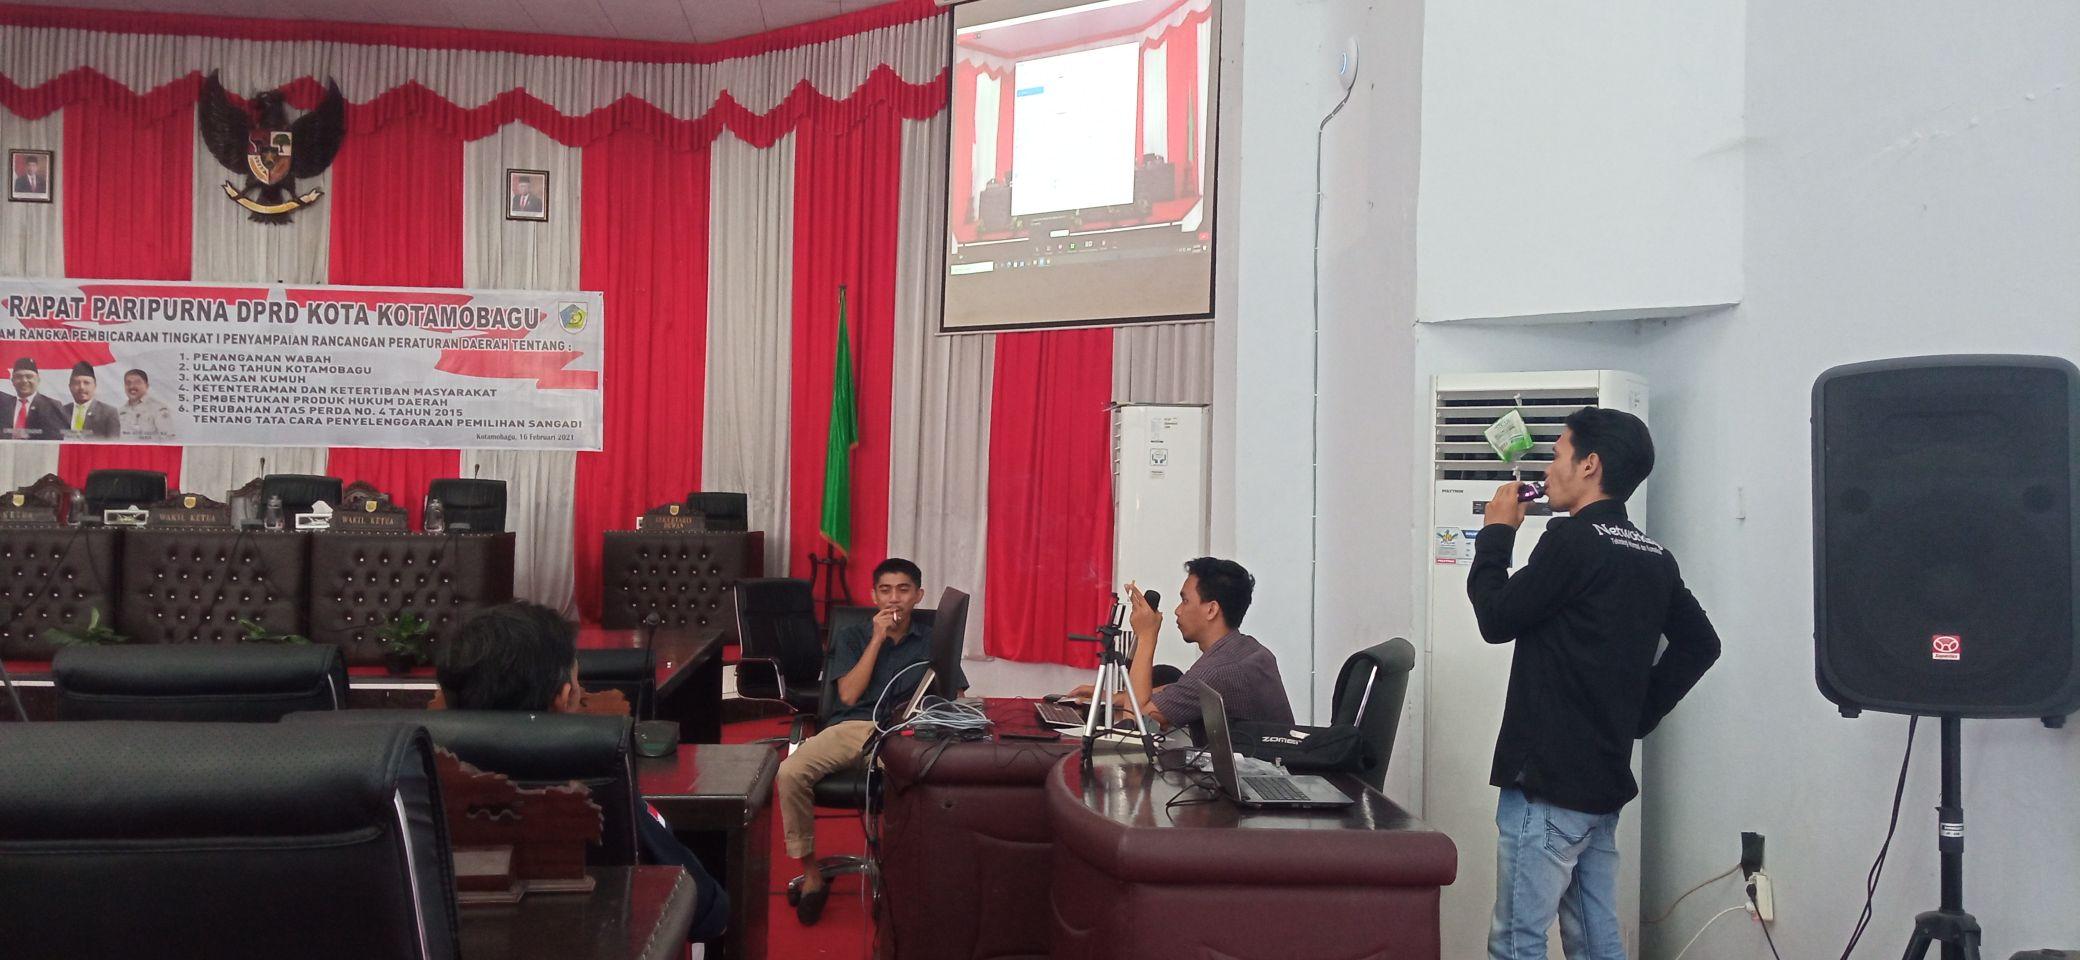 Pekerja menata mic dan monitor jelang paripurna pembicaraan tingkat I (Satu) penyampaian Enam Ranperda di gedung DPRD Kota Kotamobagu.